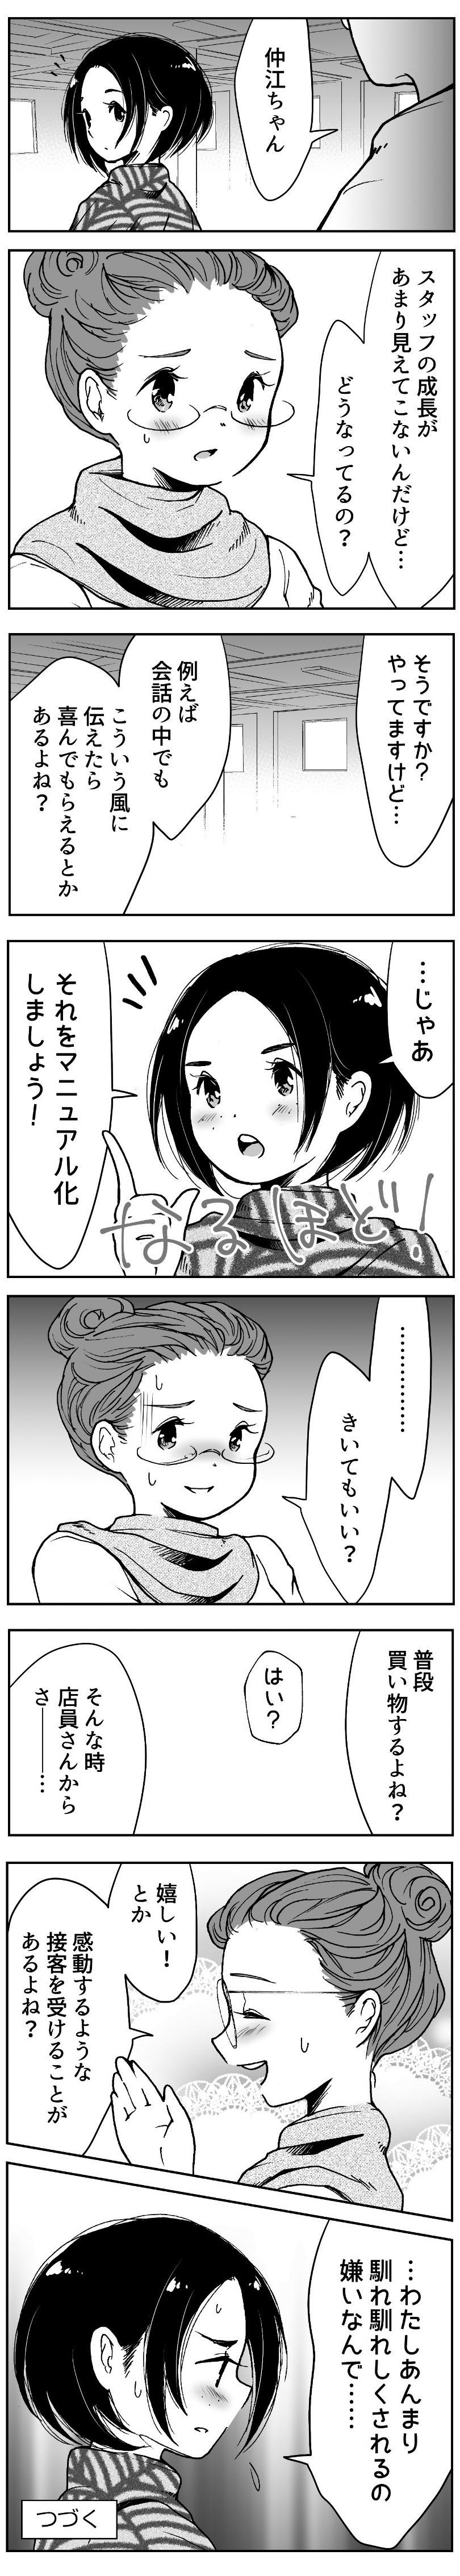 63-3.jpg